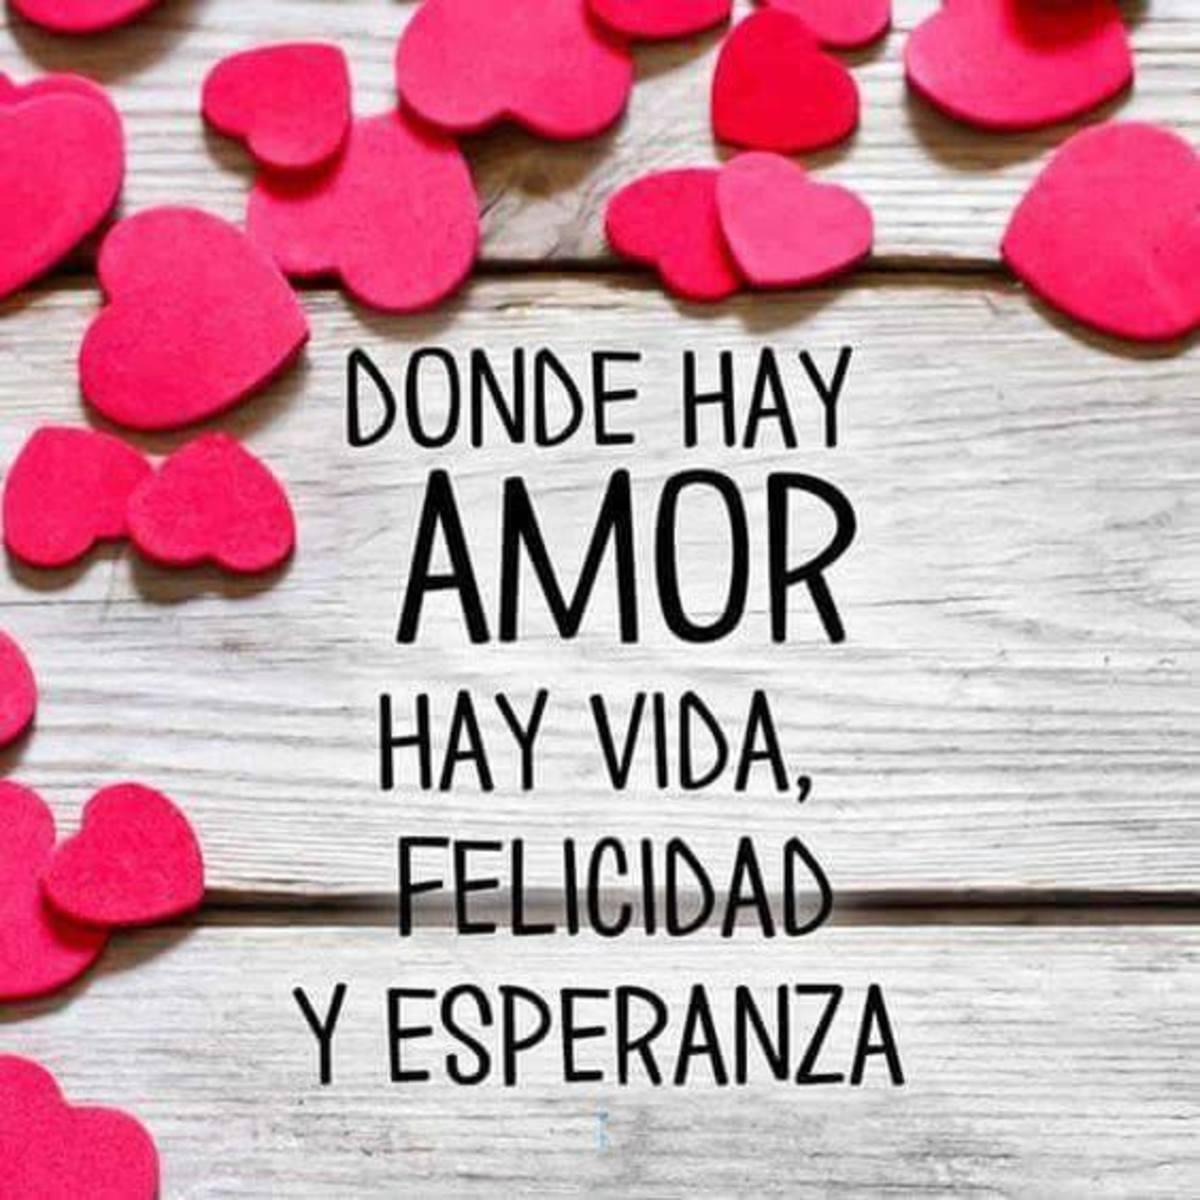 Imagenes De Amor Bonitas Y Romanticas Bonitasimagenes Net